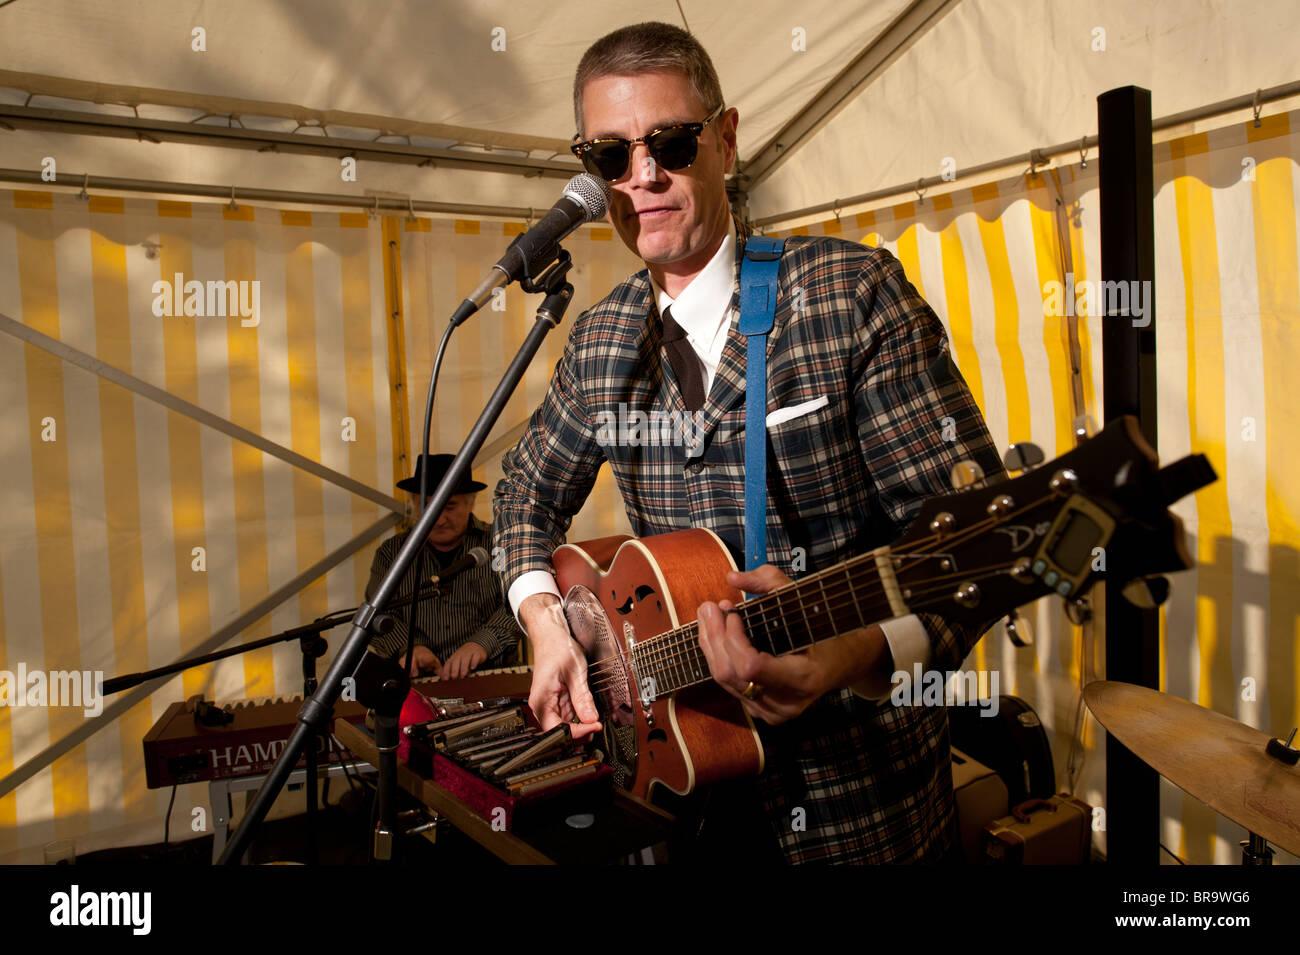 Ein cool Mann mit Sonnenbrille spielen eine Semi-Akustik-Gitarre in einer Band, UK Stockbild